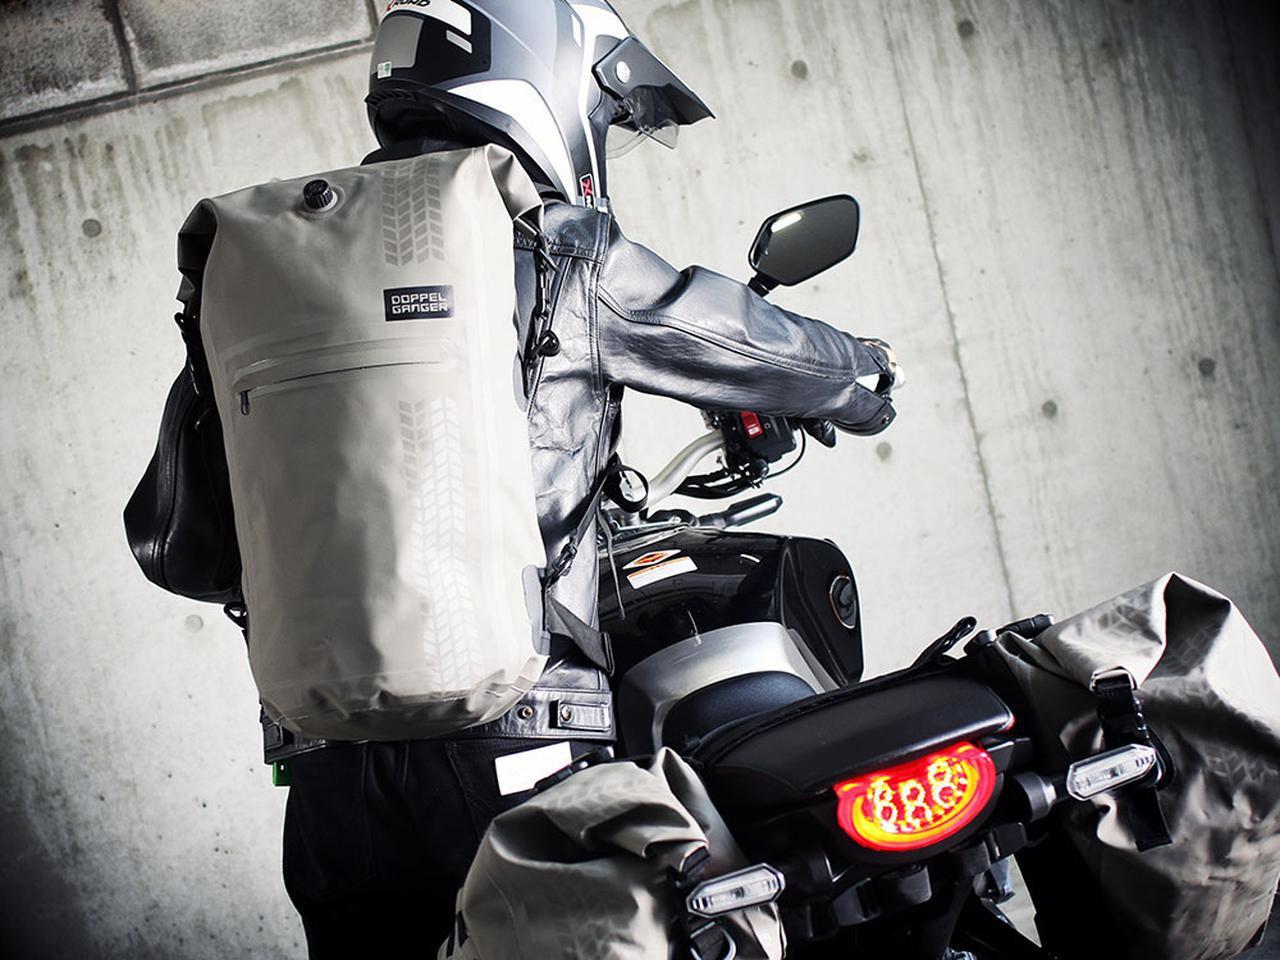 画像: シートバッグとしても使えるドッペルギャンガーの「ターポリンデイパック」に新色が登場! - webオートバイ